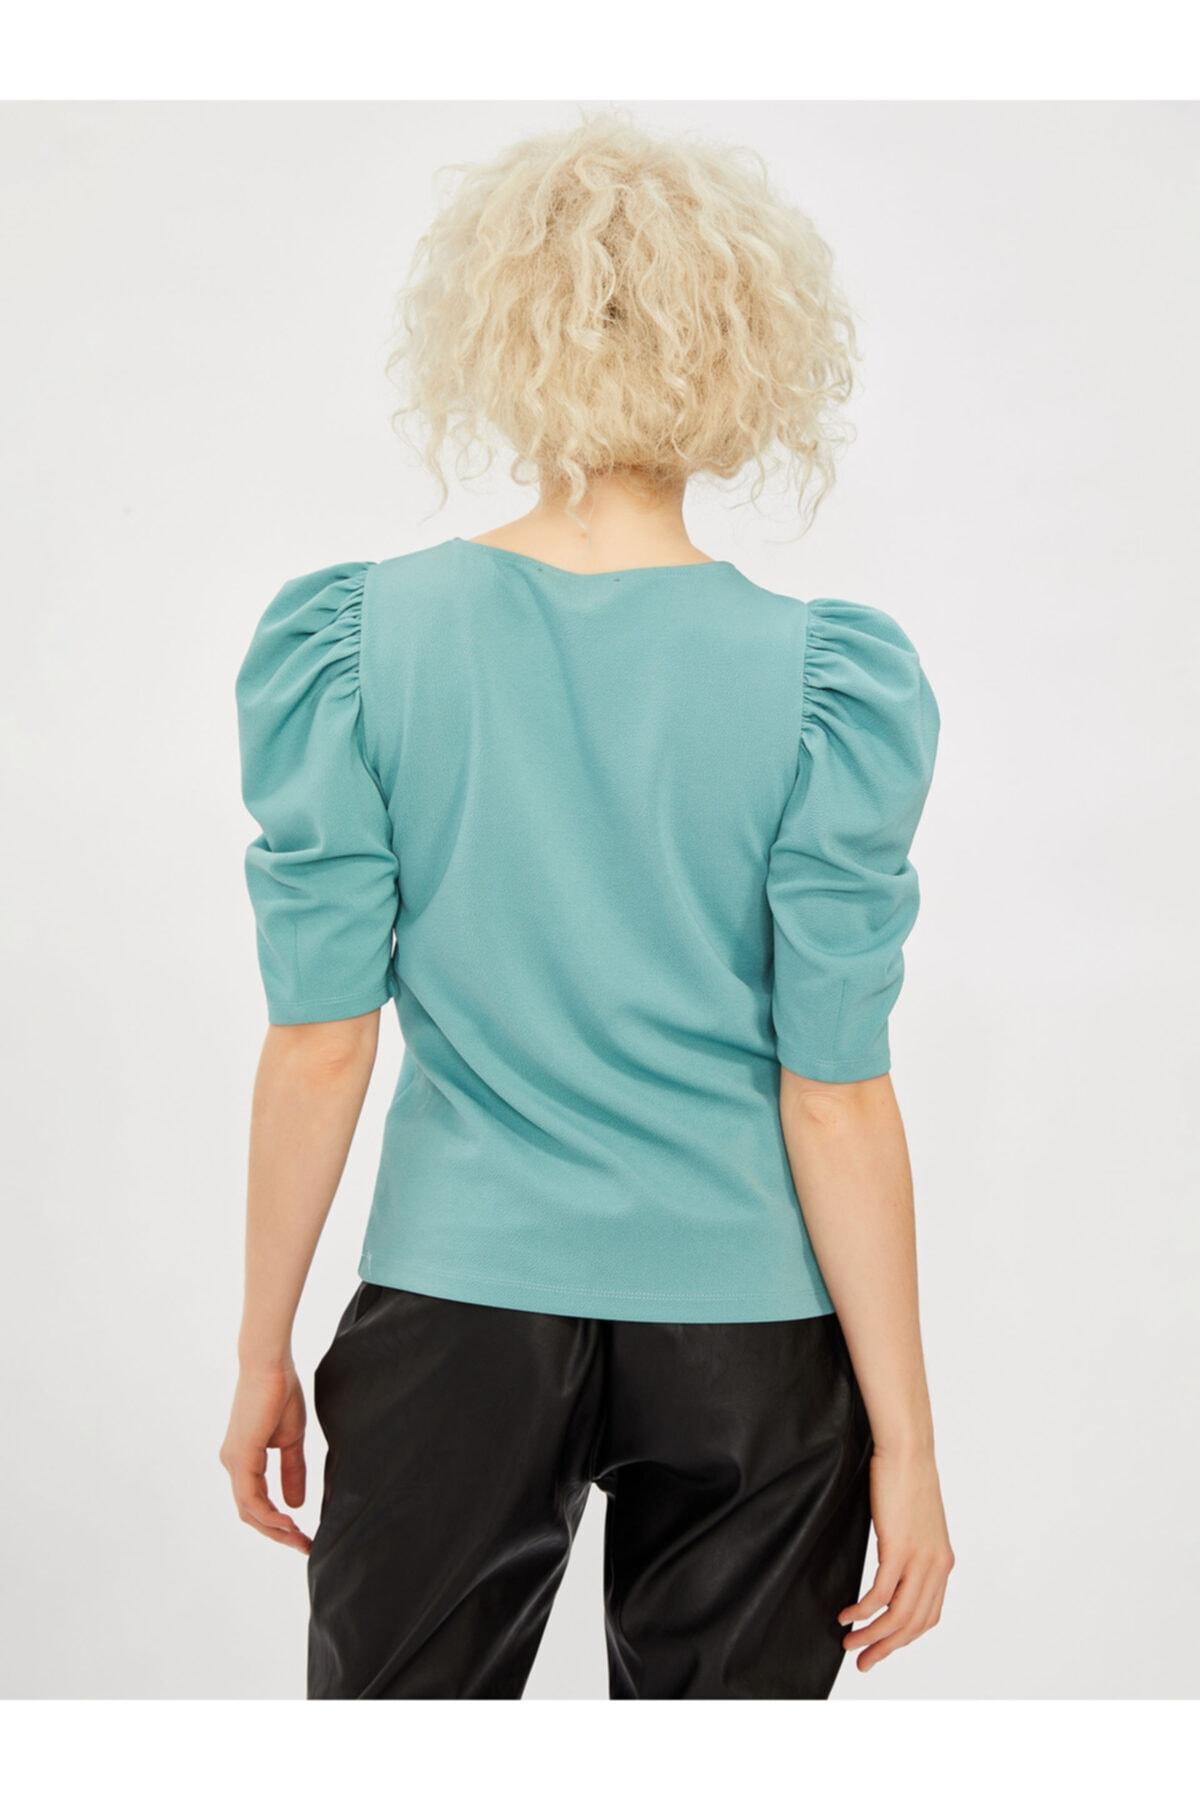 Vekem Kısa Kol Kol Büzgülü Kadın Bluz 2